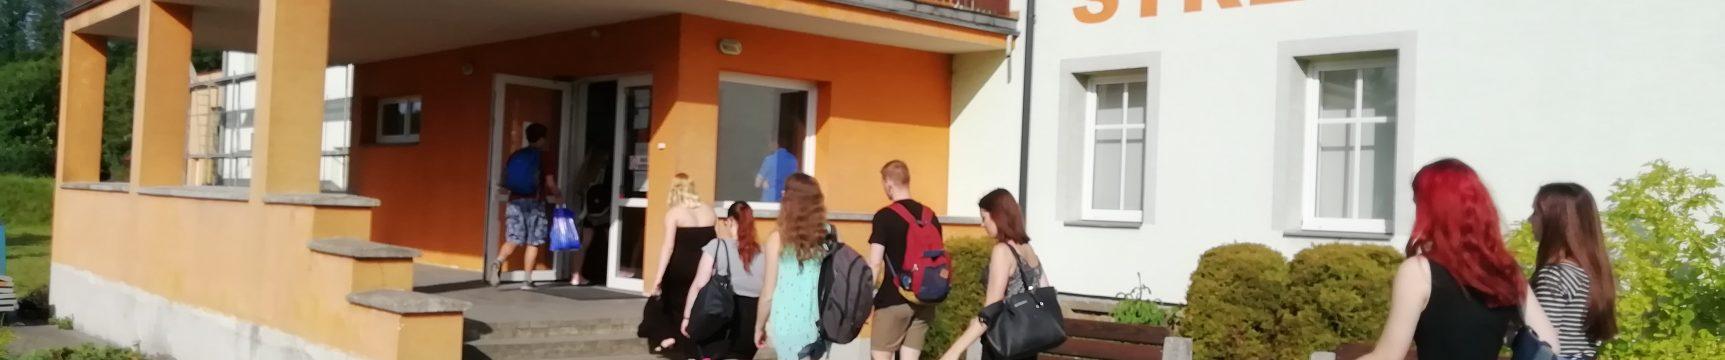 Střední škola cestovního ruchu a Jazyková škola s právem státní jazykové zkoušky